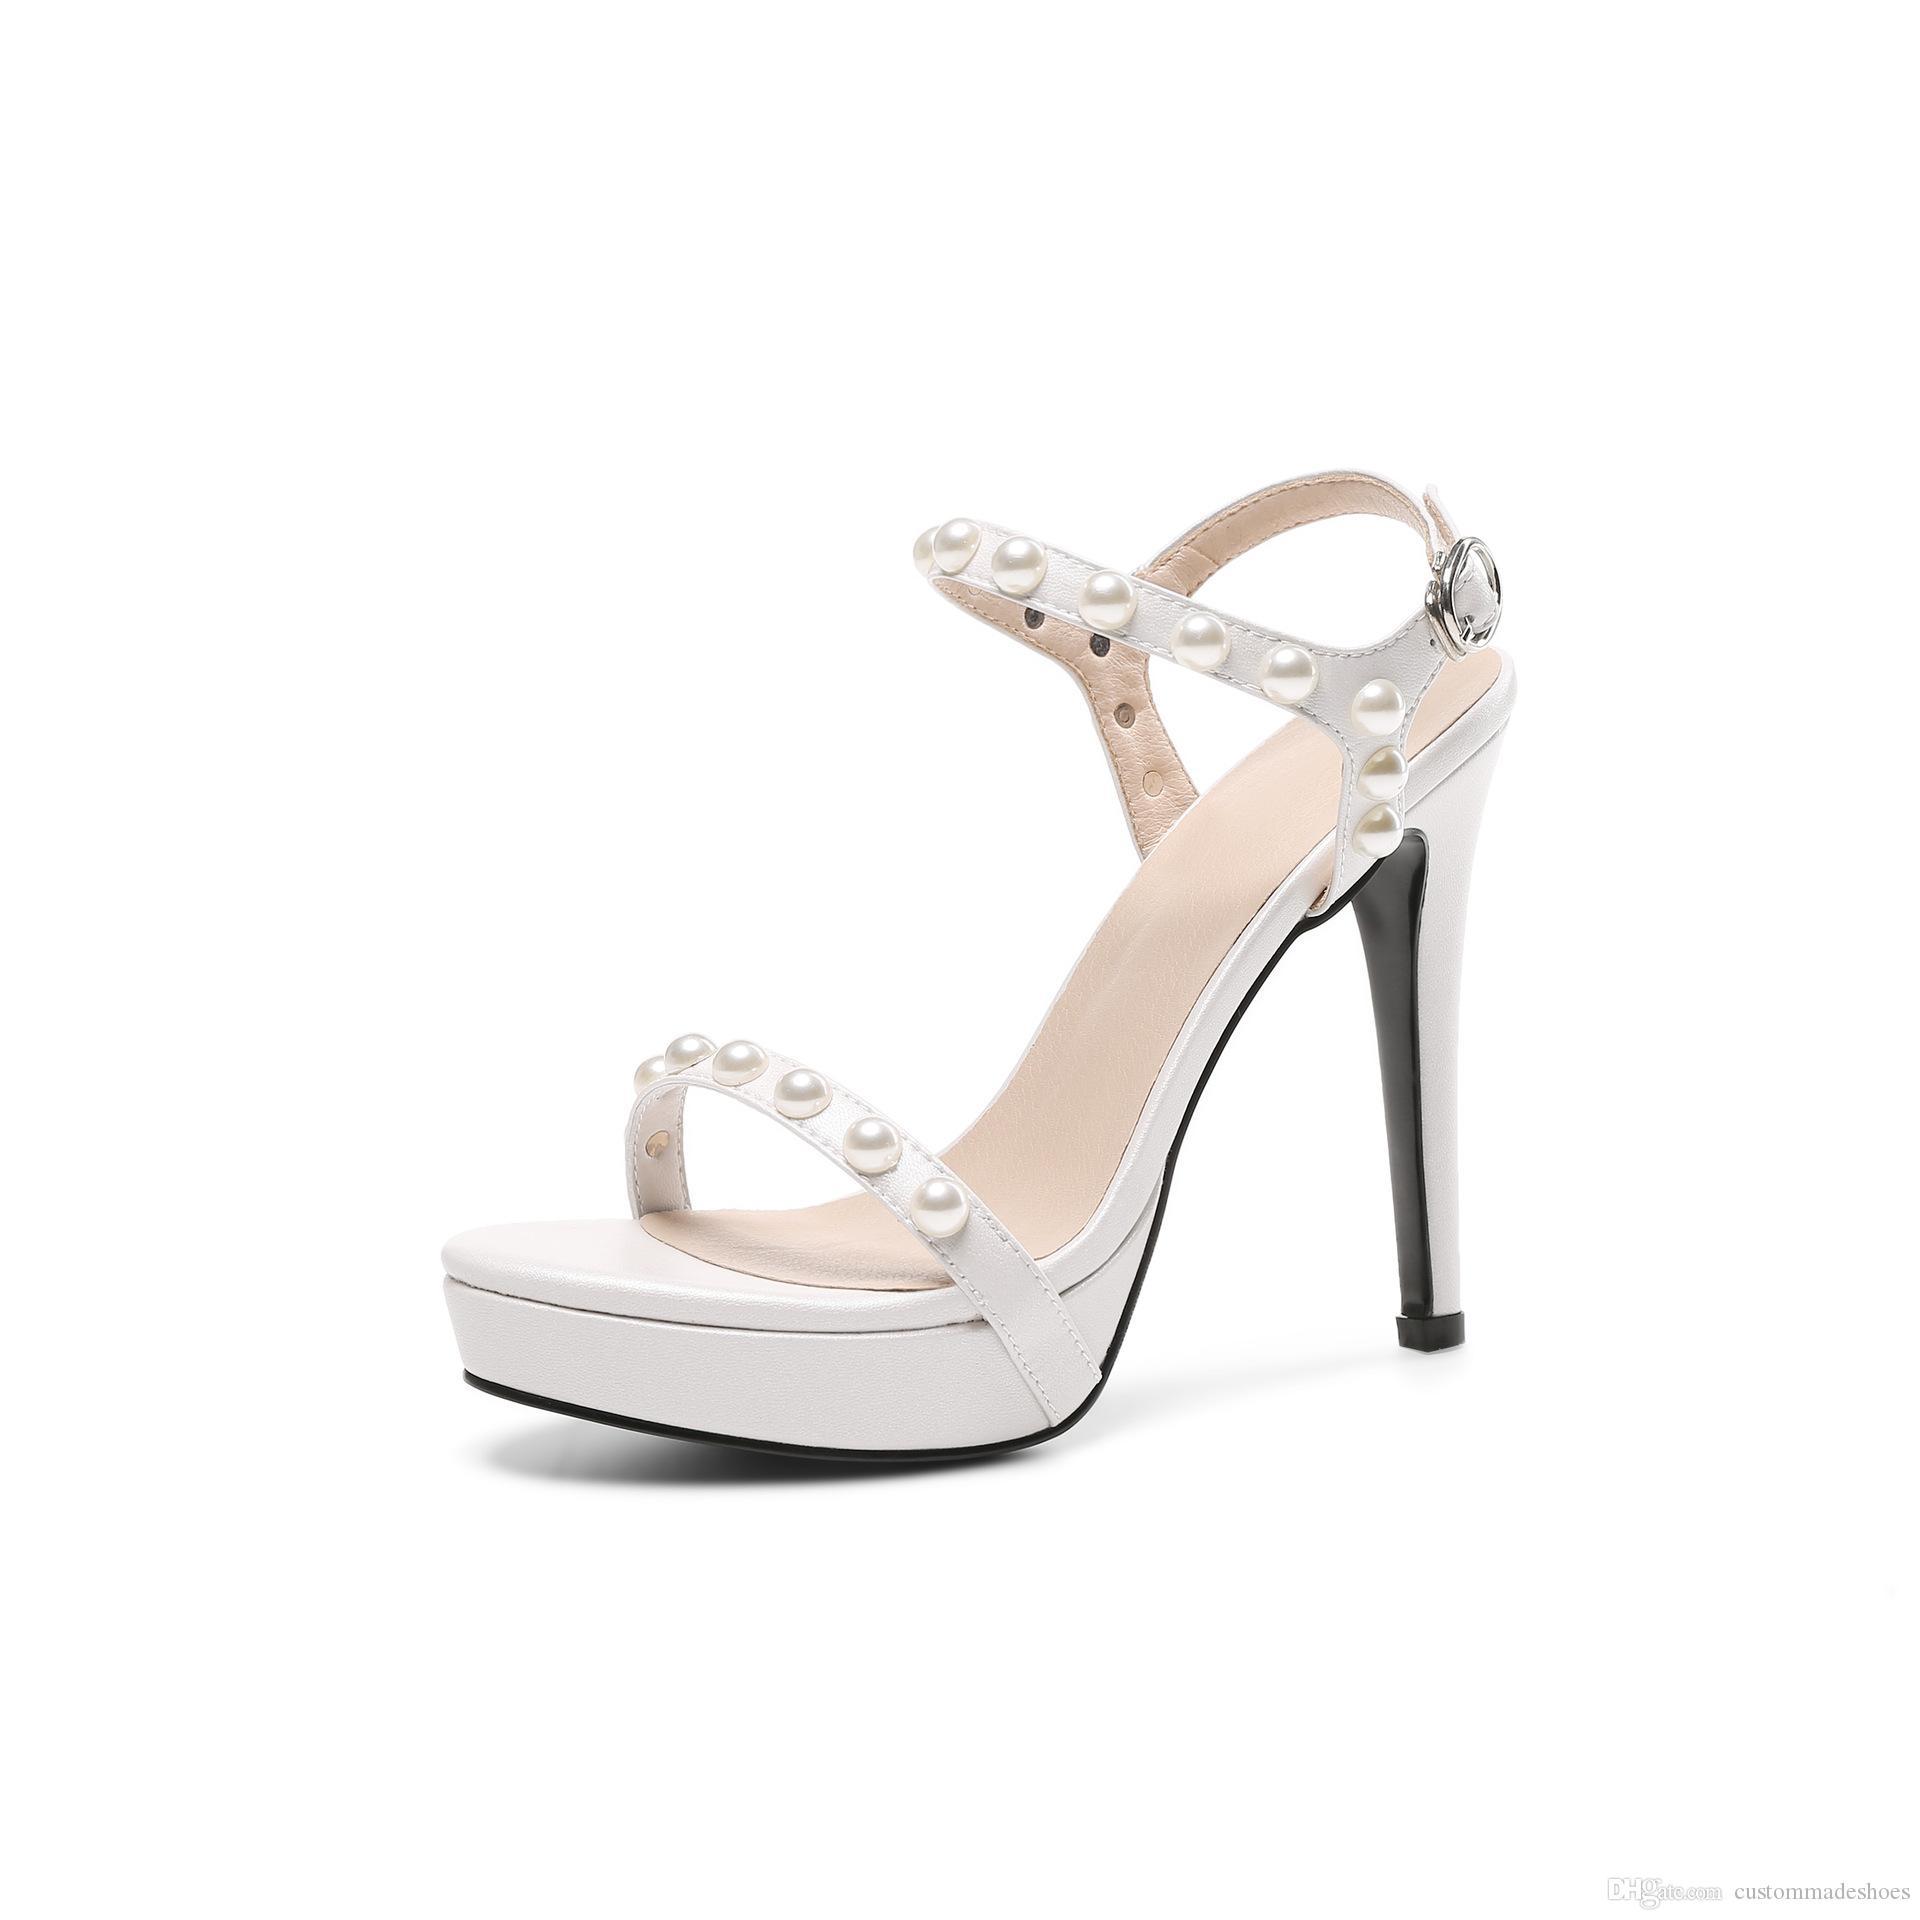 Compre 2018 Gladiador Sandalias Mujeres Zapatos Blancos Plataforma De Verano  Sandalias De Tacón Alto Zapatos De Boda Perla Decoración Zapatillas Mujer  Envío ... cff4b2be06cb